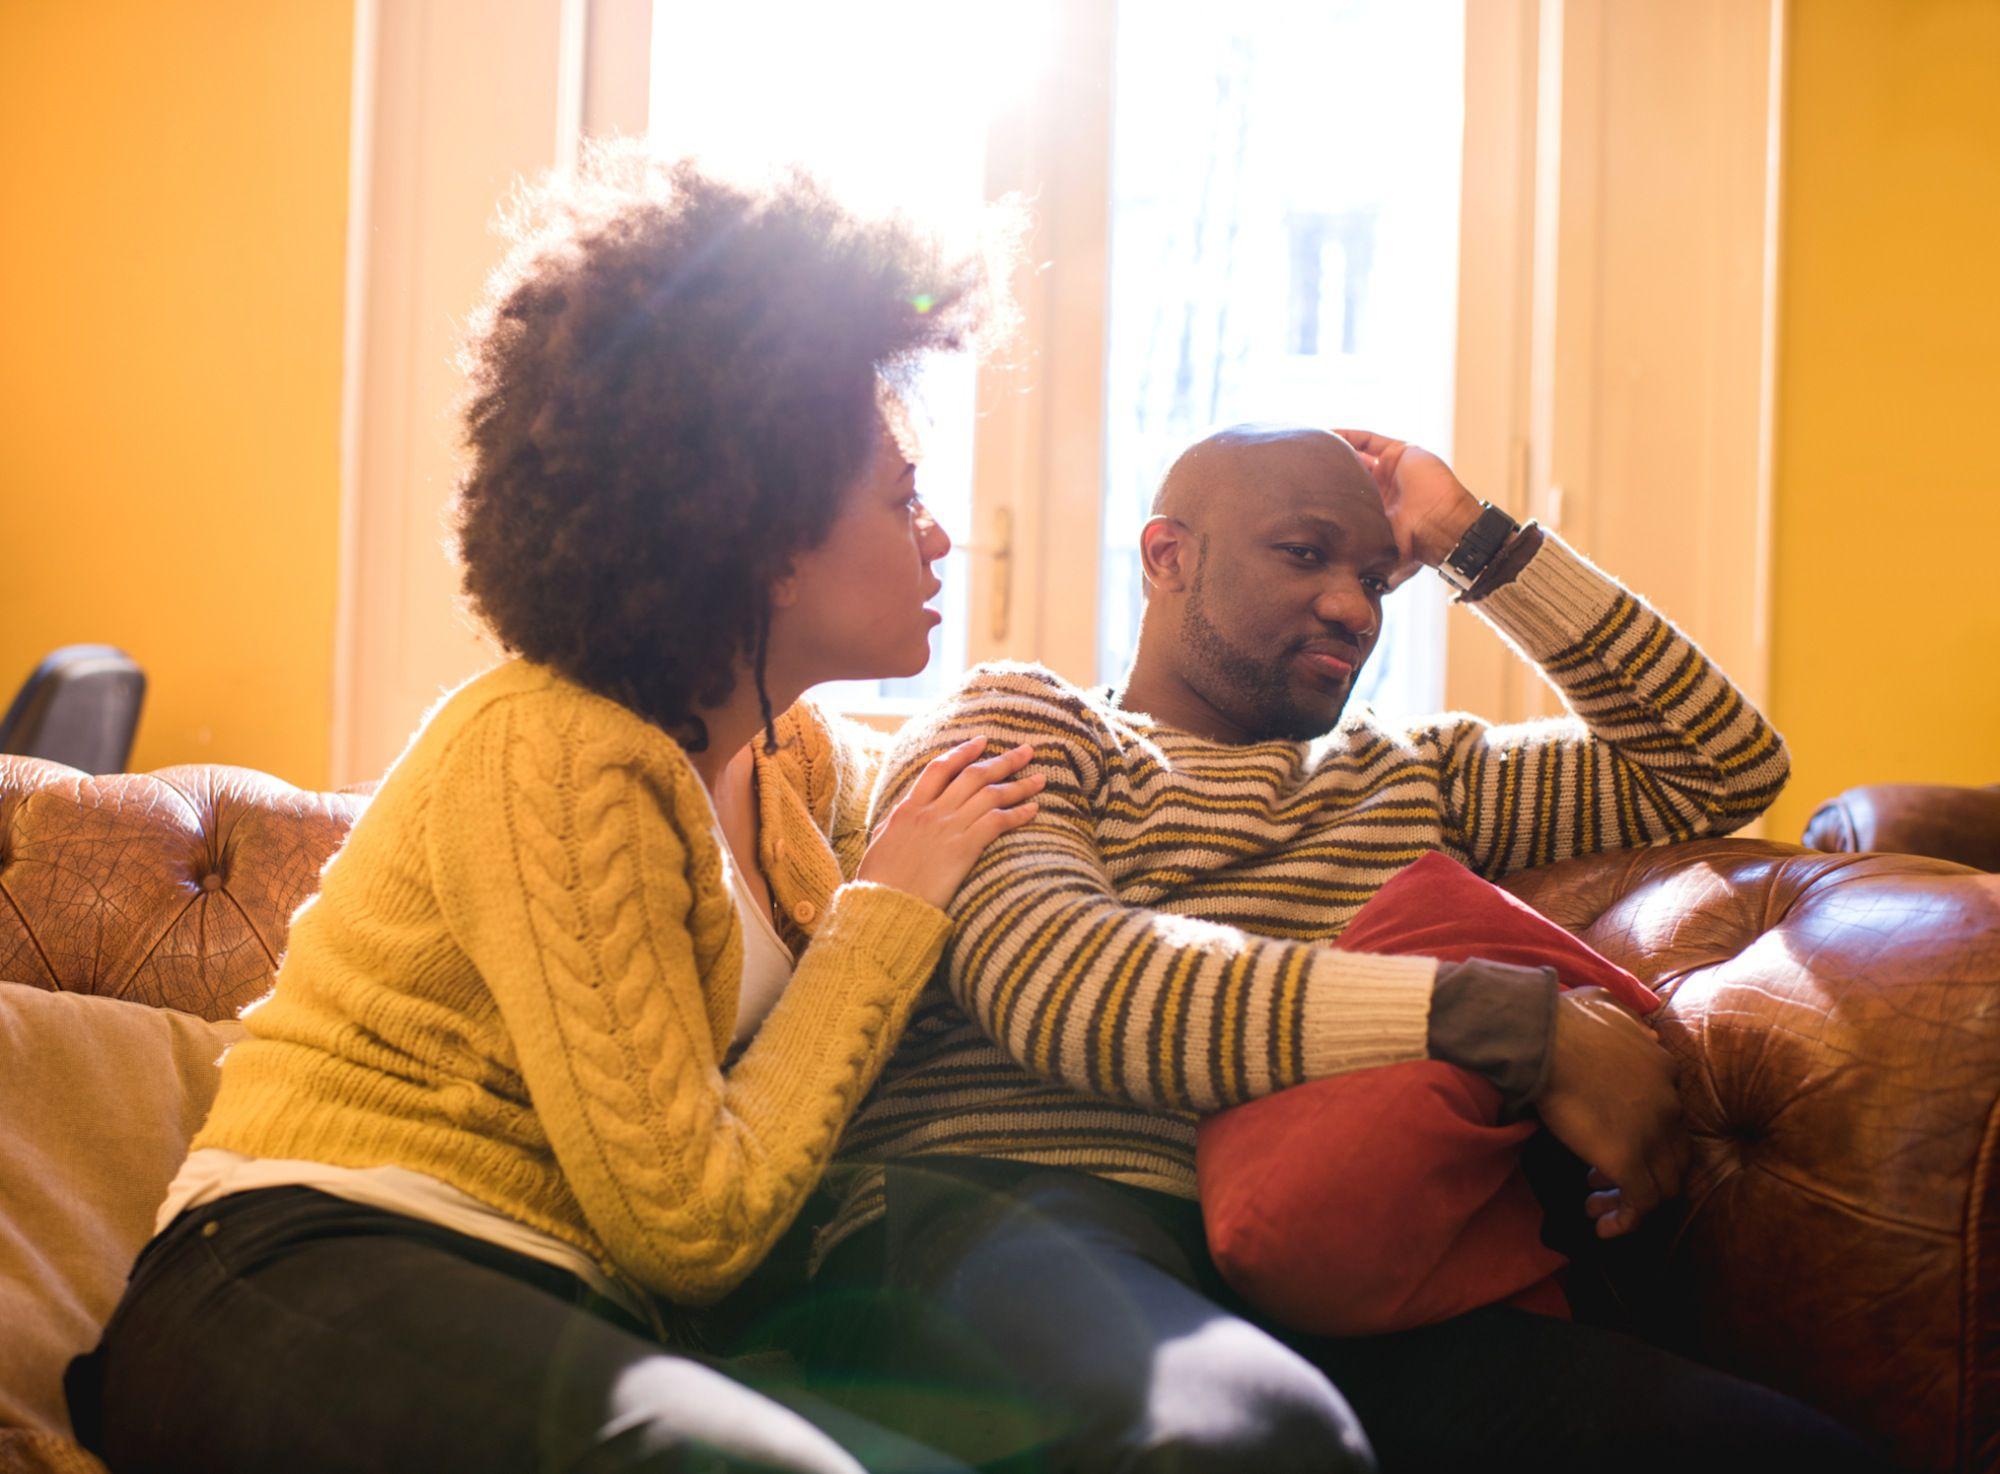 У моего супруга пограничное расстройство личности. Должен ли я получить развод?